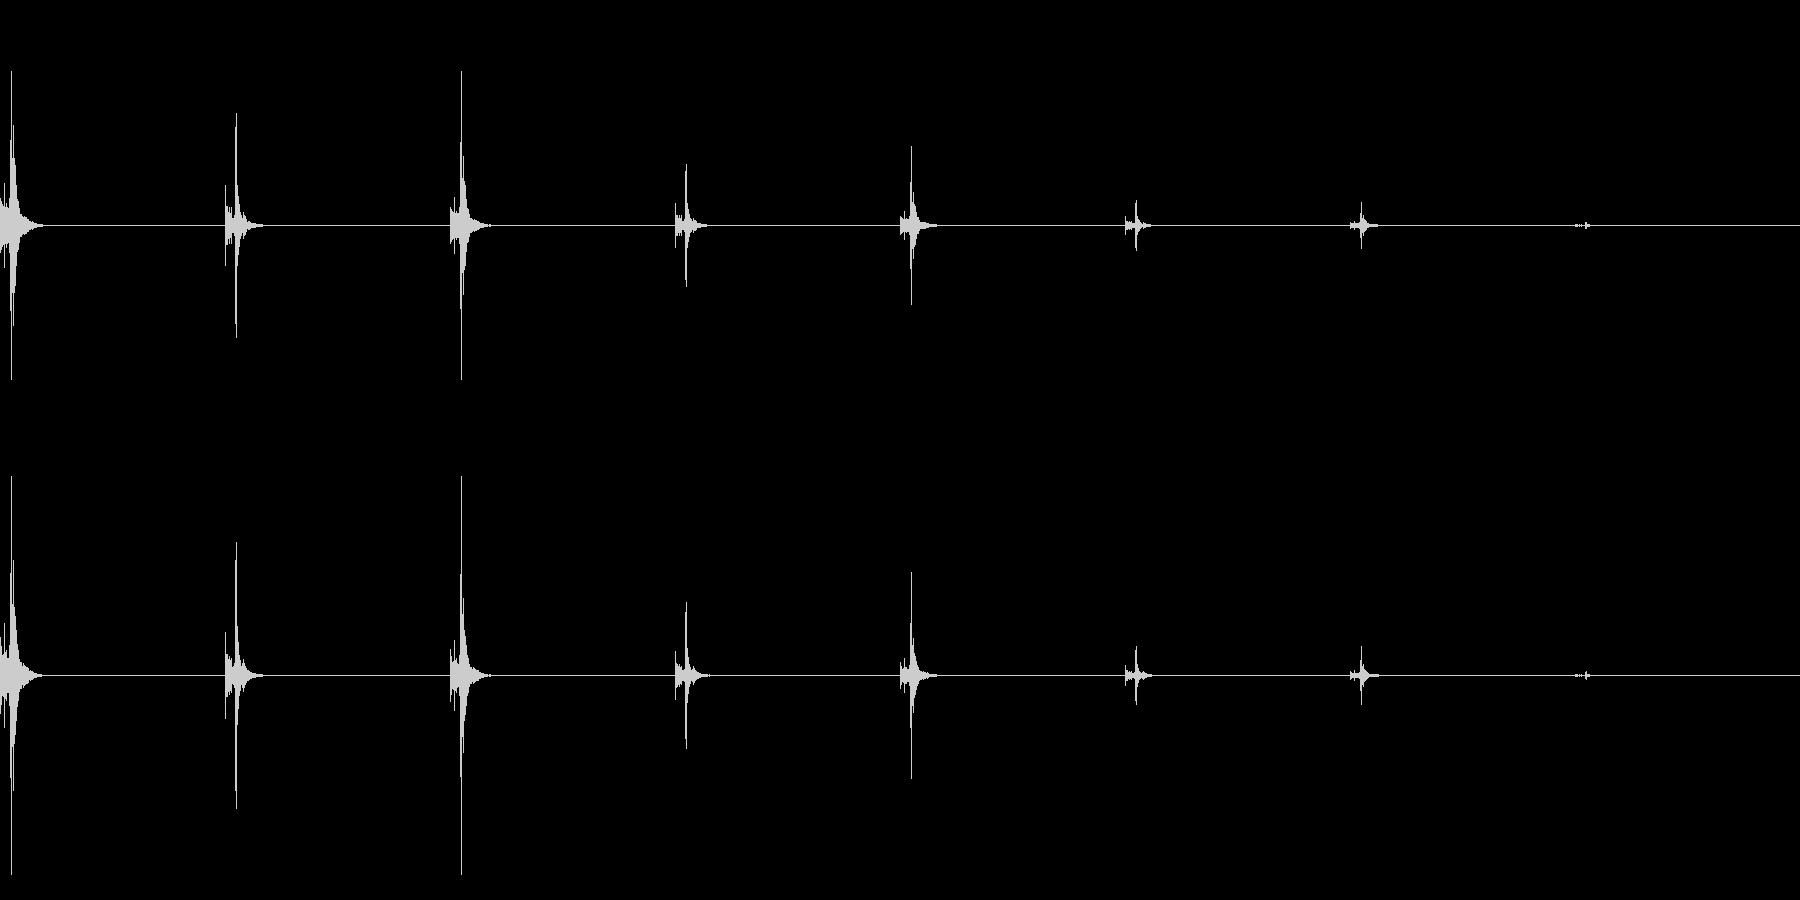 時計、タイマー、ストップウォッチ_C_6の未再生の波形